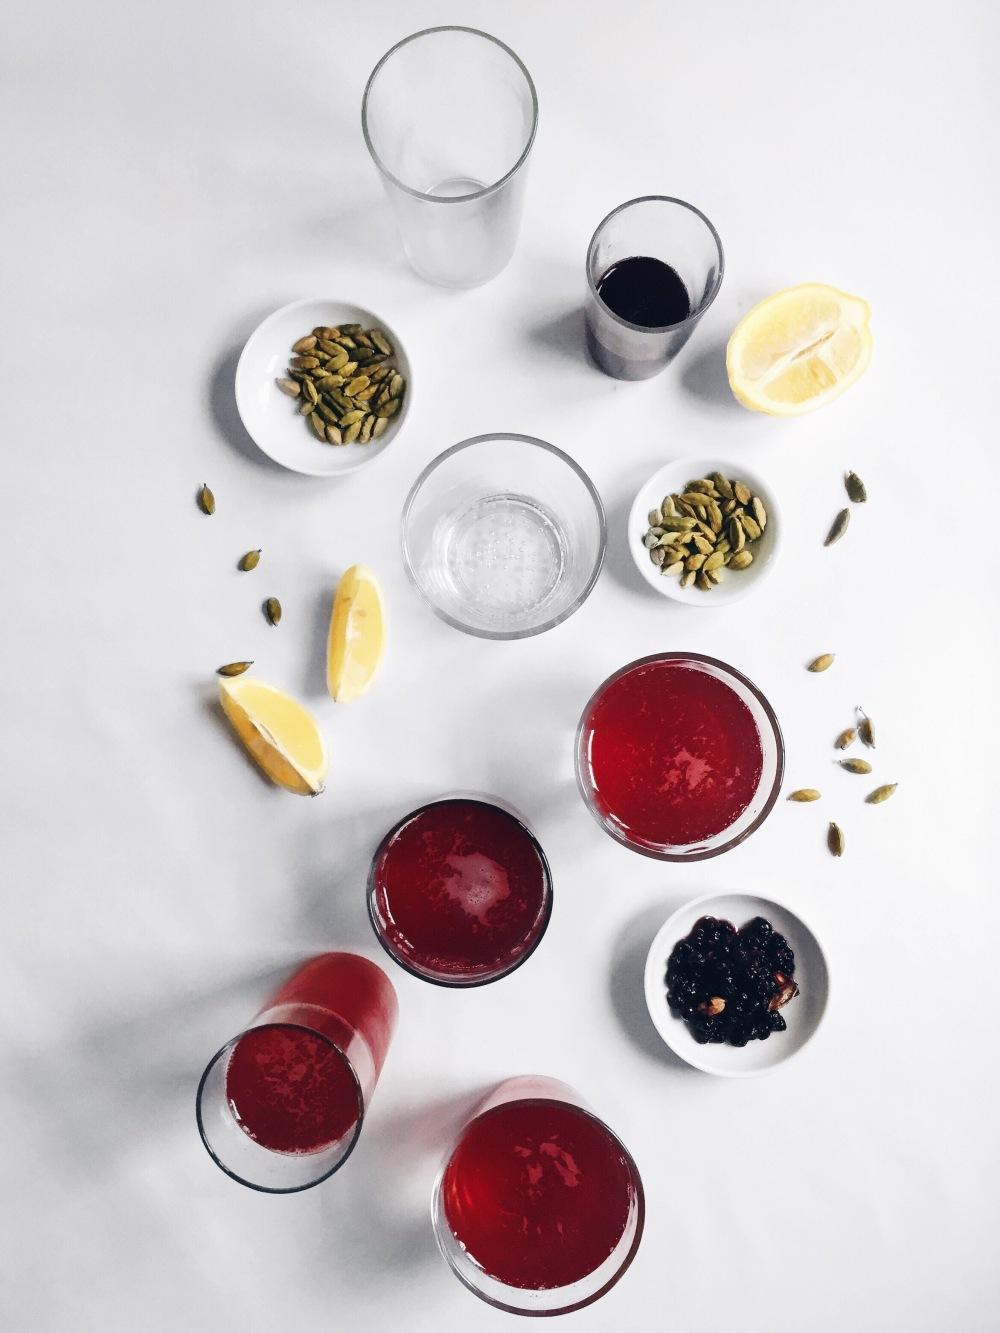 Liqueur maison au sirop de bleuet, érable, gingembre, citron et cardamome